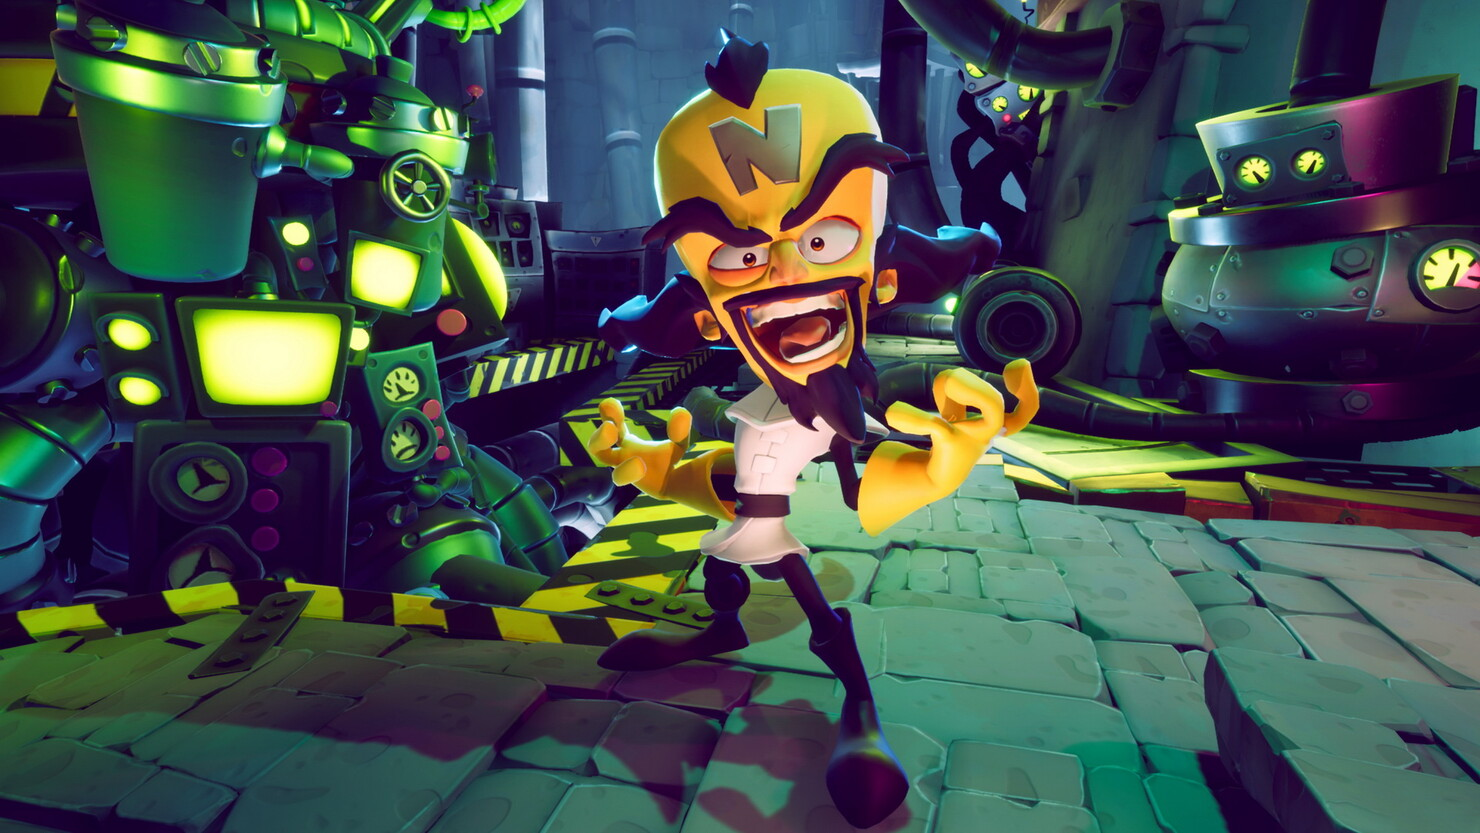 Кадры из игры Crash Bandicoot 4: It's About Time